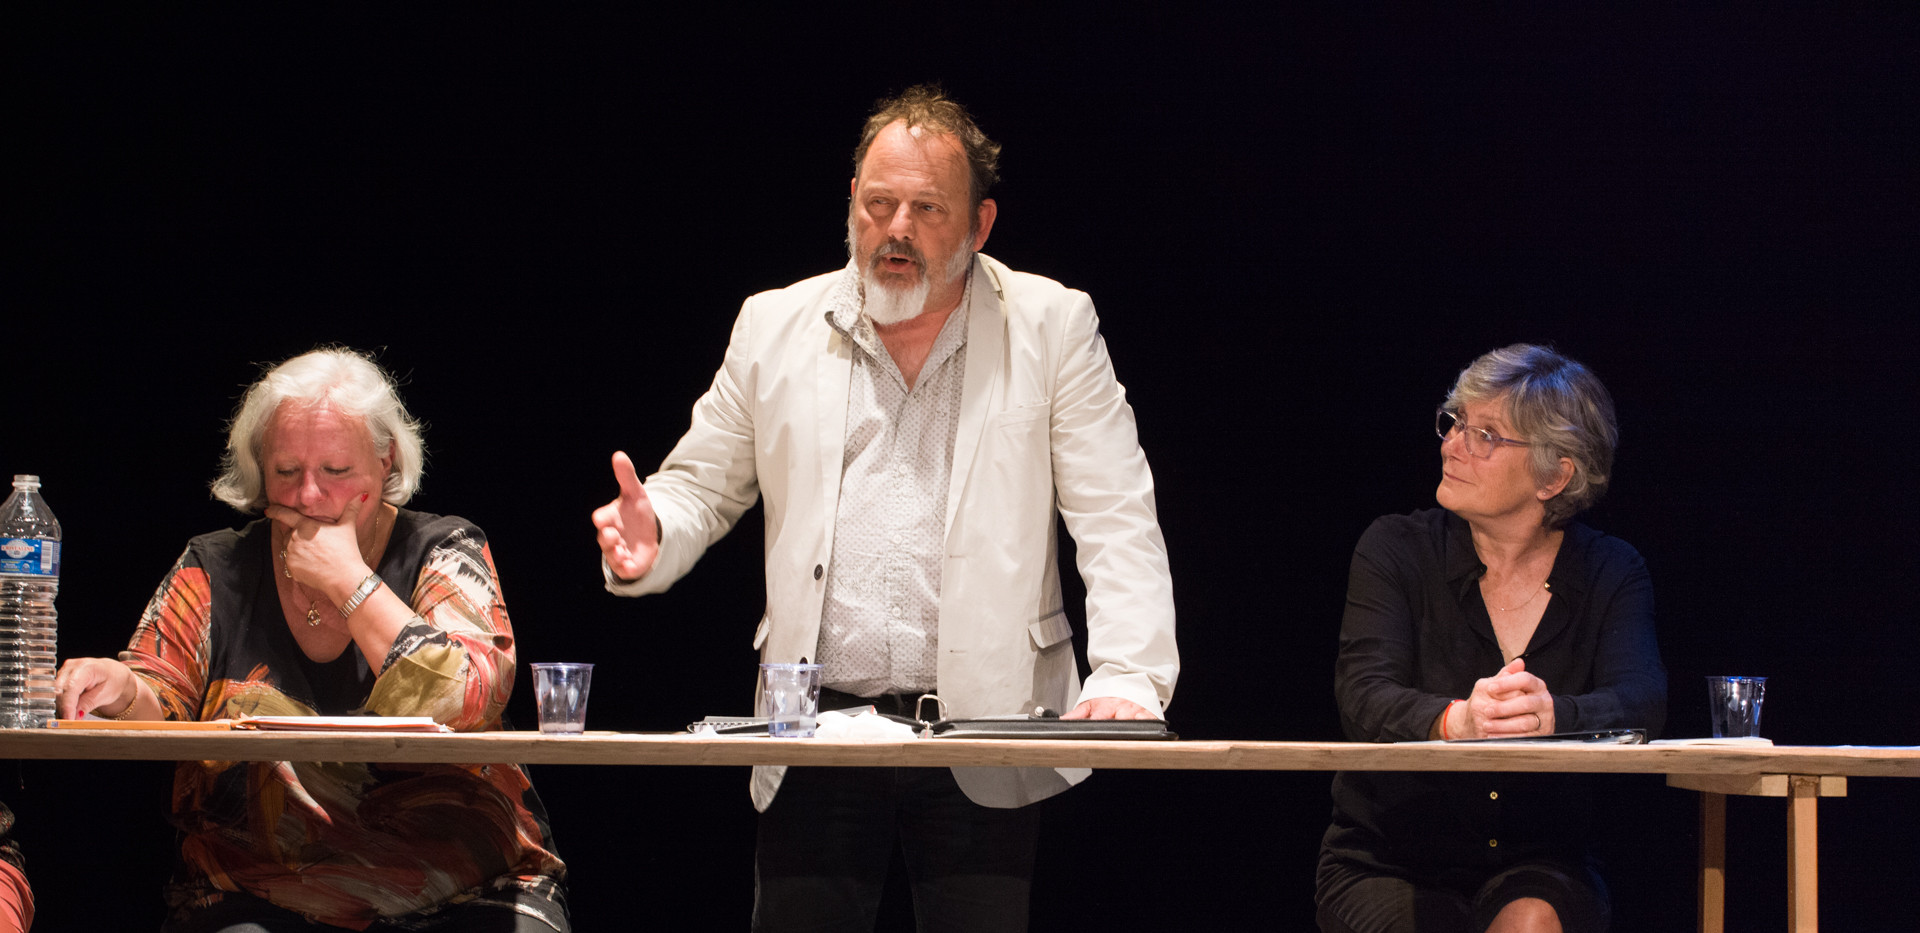 Ateliers Théâtre Stéphane Guérin